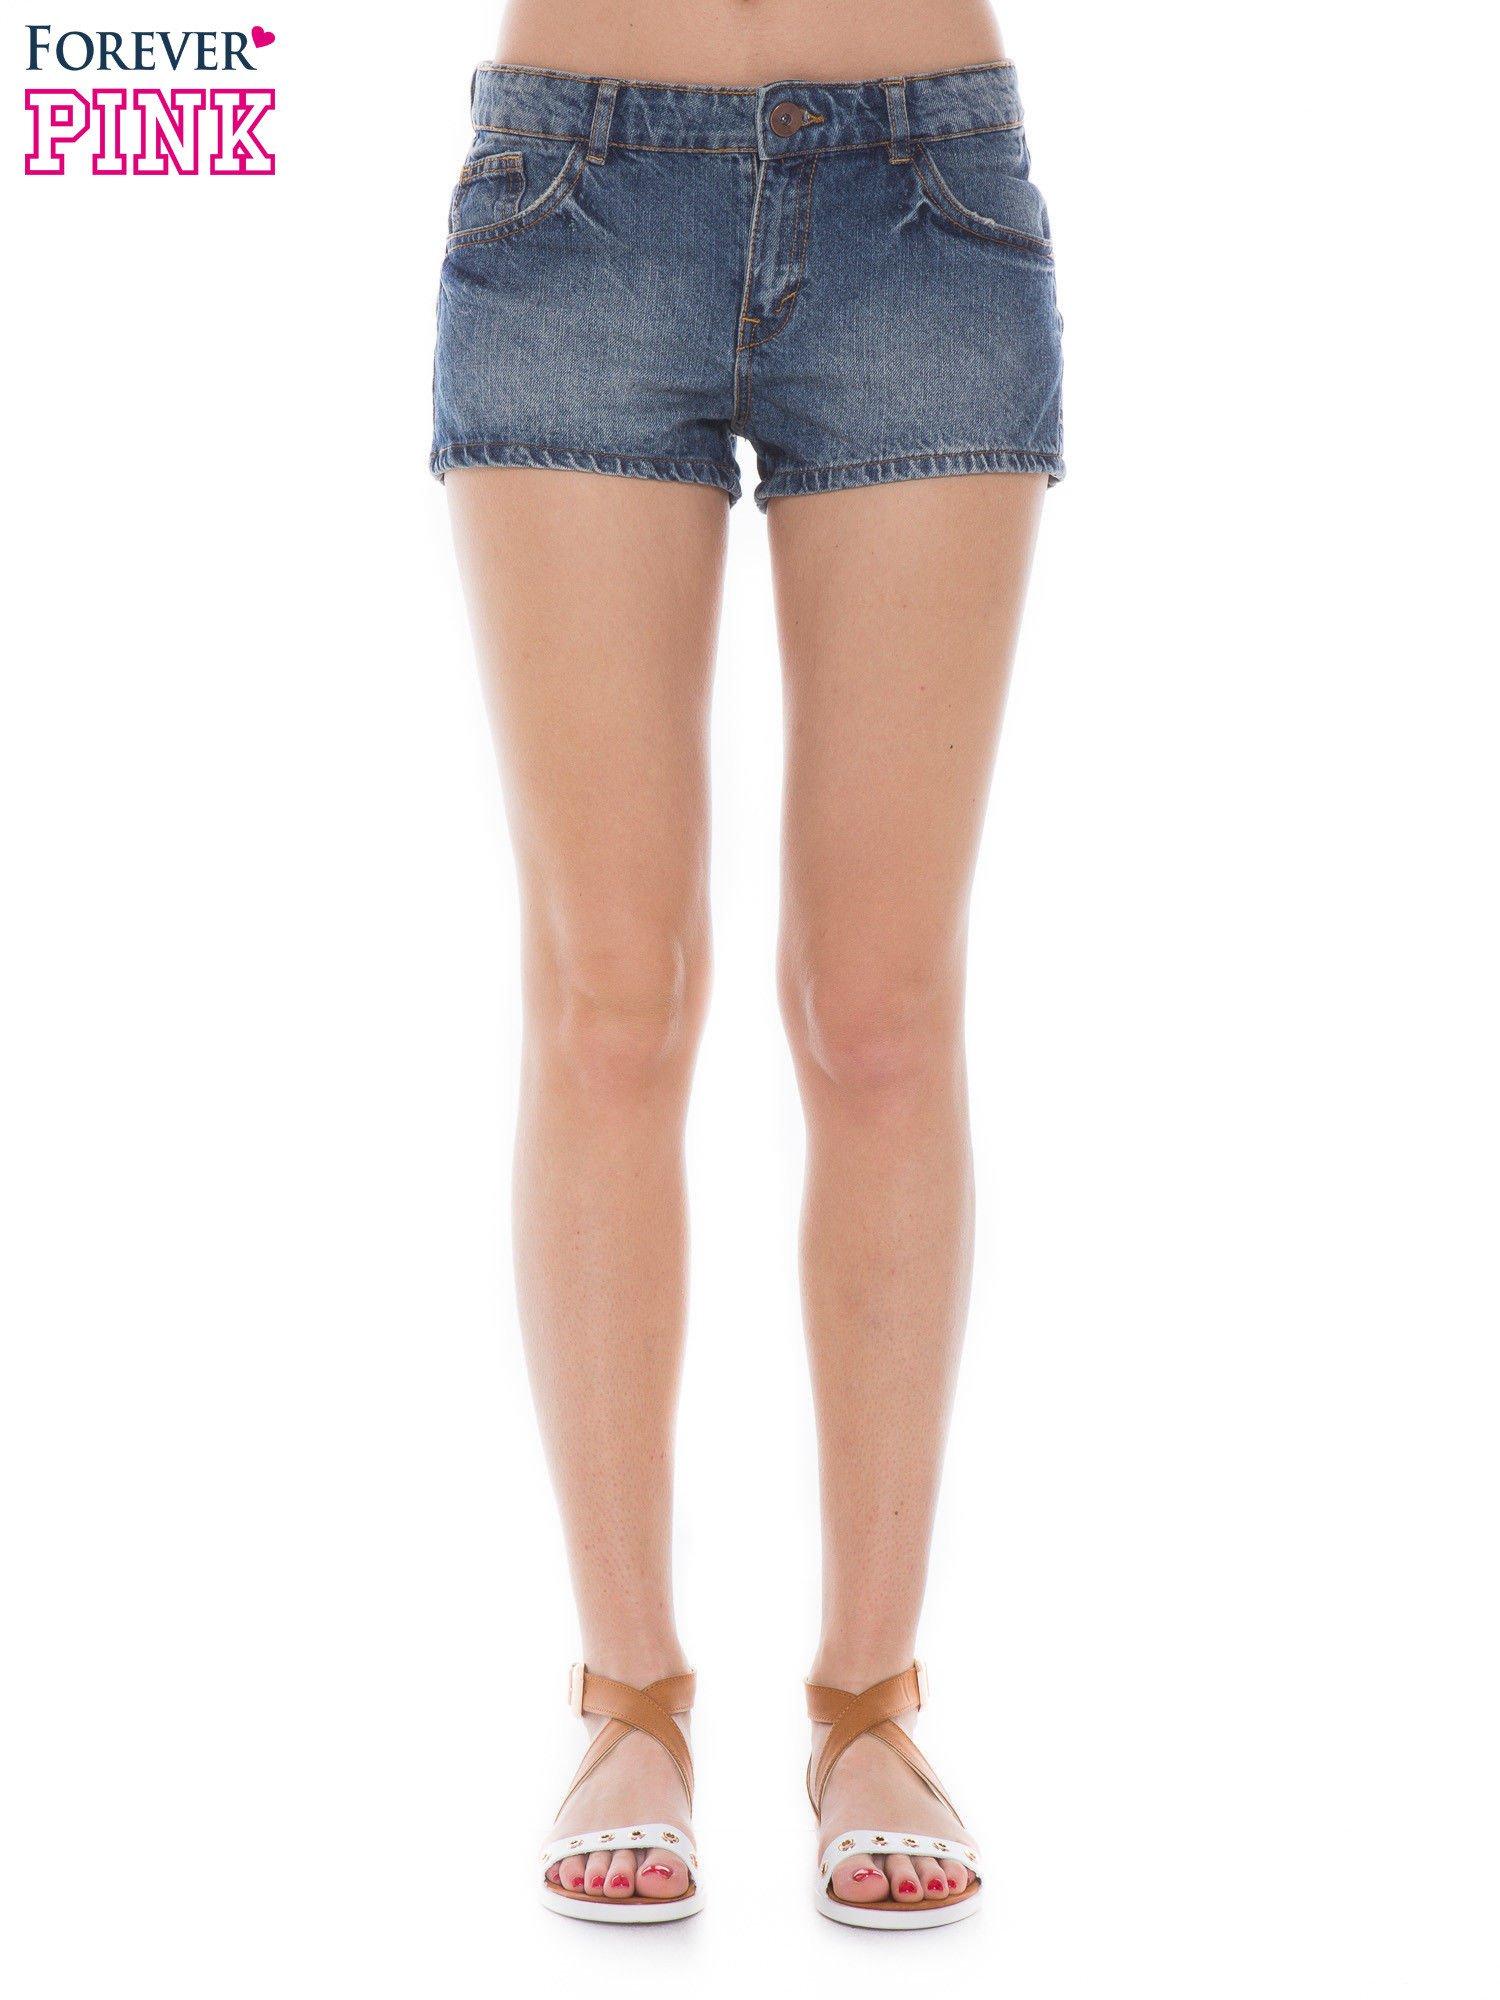 Niebieskie jeansowe szorty z efektem sprania                                  zdj.                                  1